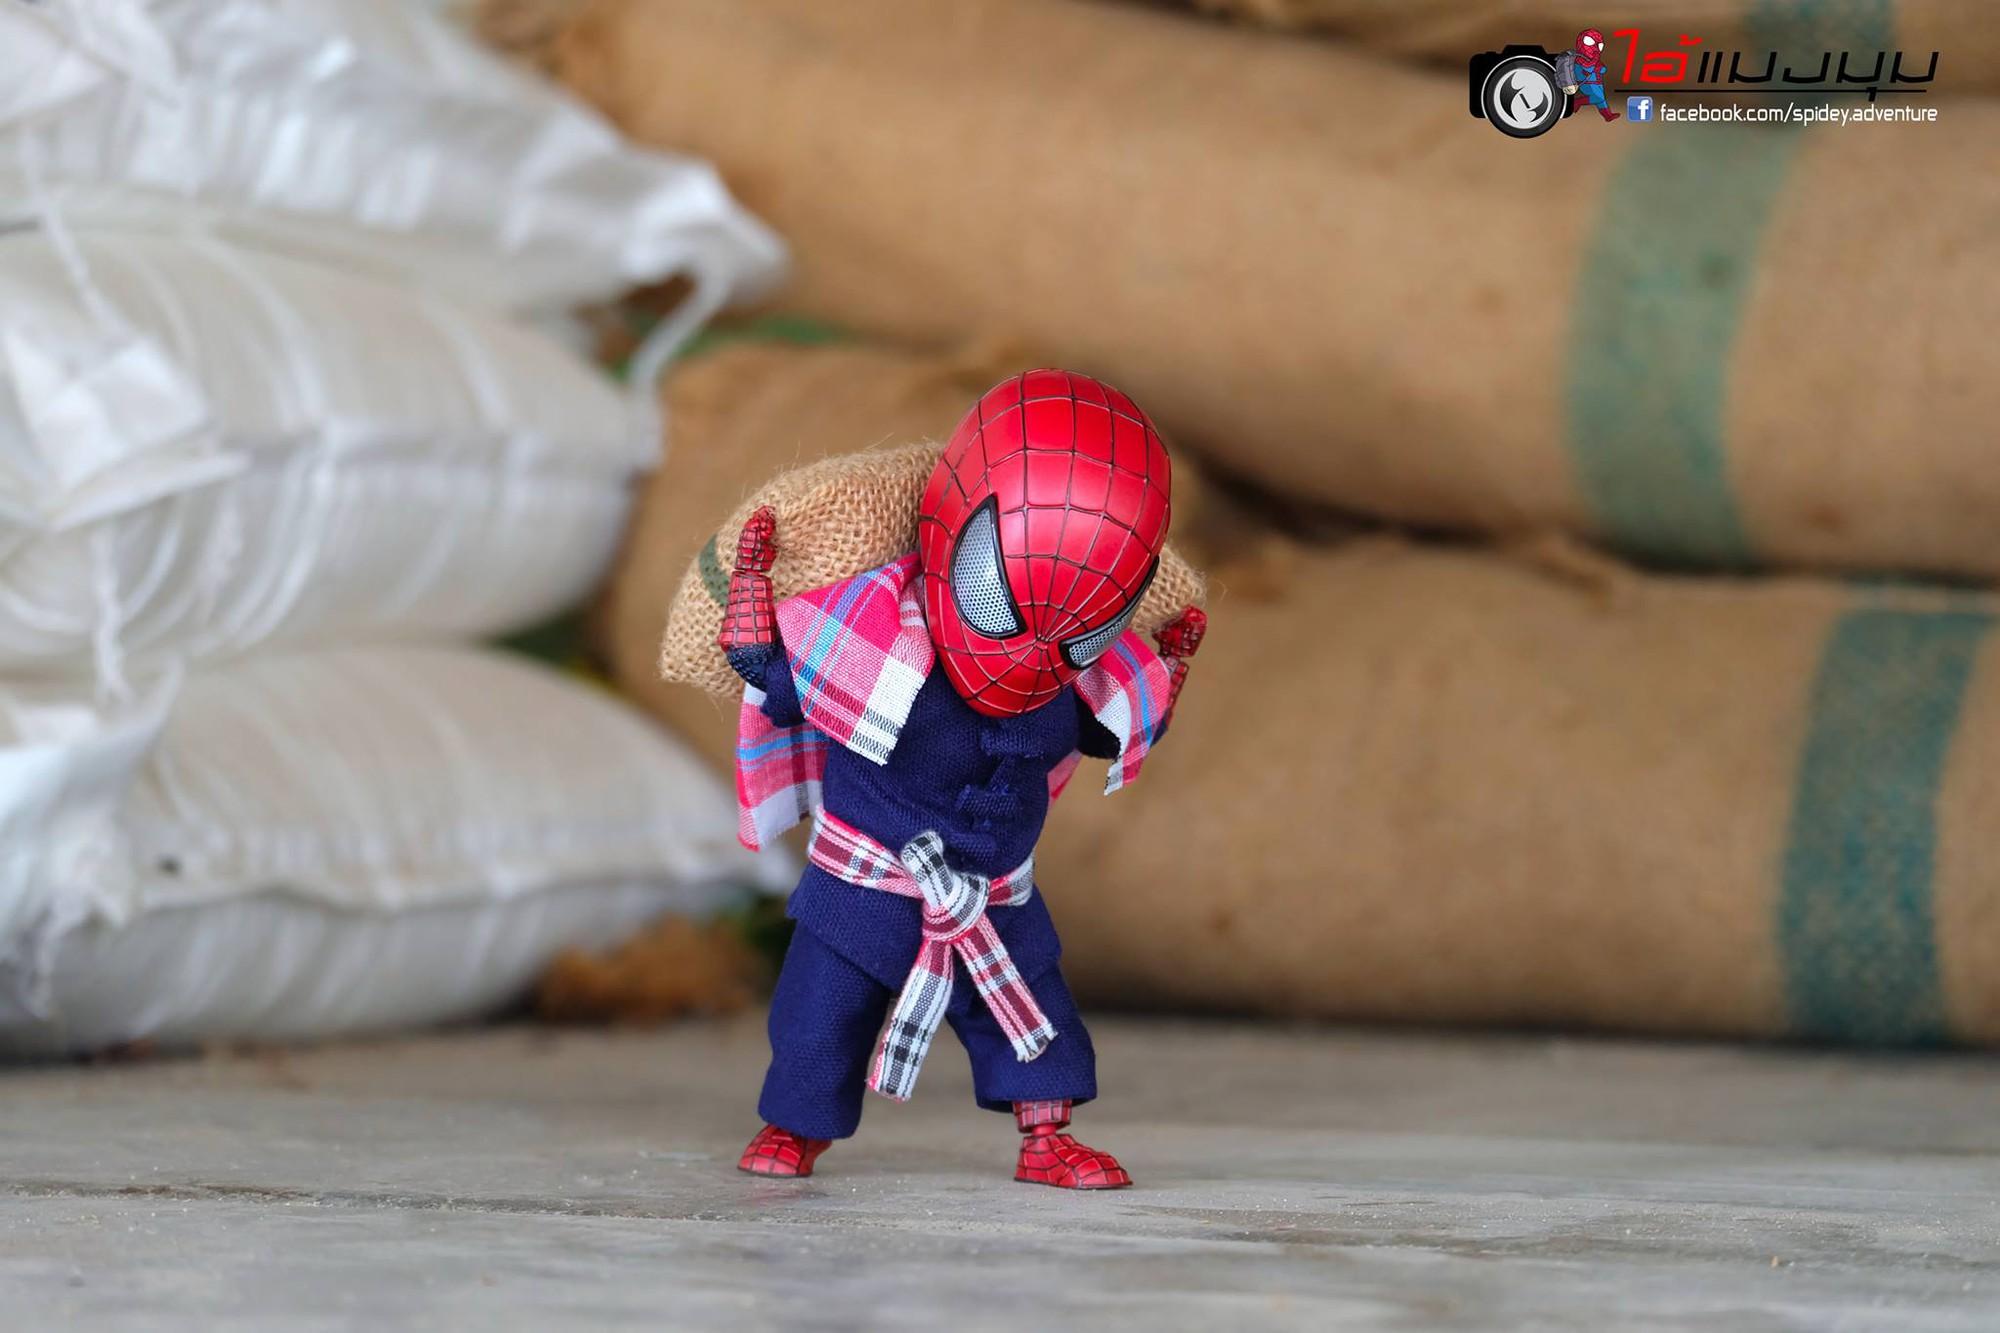 Góc mưu sinh: Khi Spider-Man cũng phải bươn chải đủ nghề từ cửu vạn tới bán hàng rong để kiếm sống - Ảnh 1.